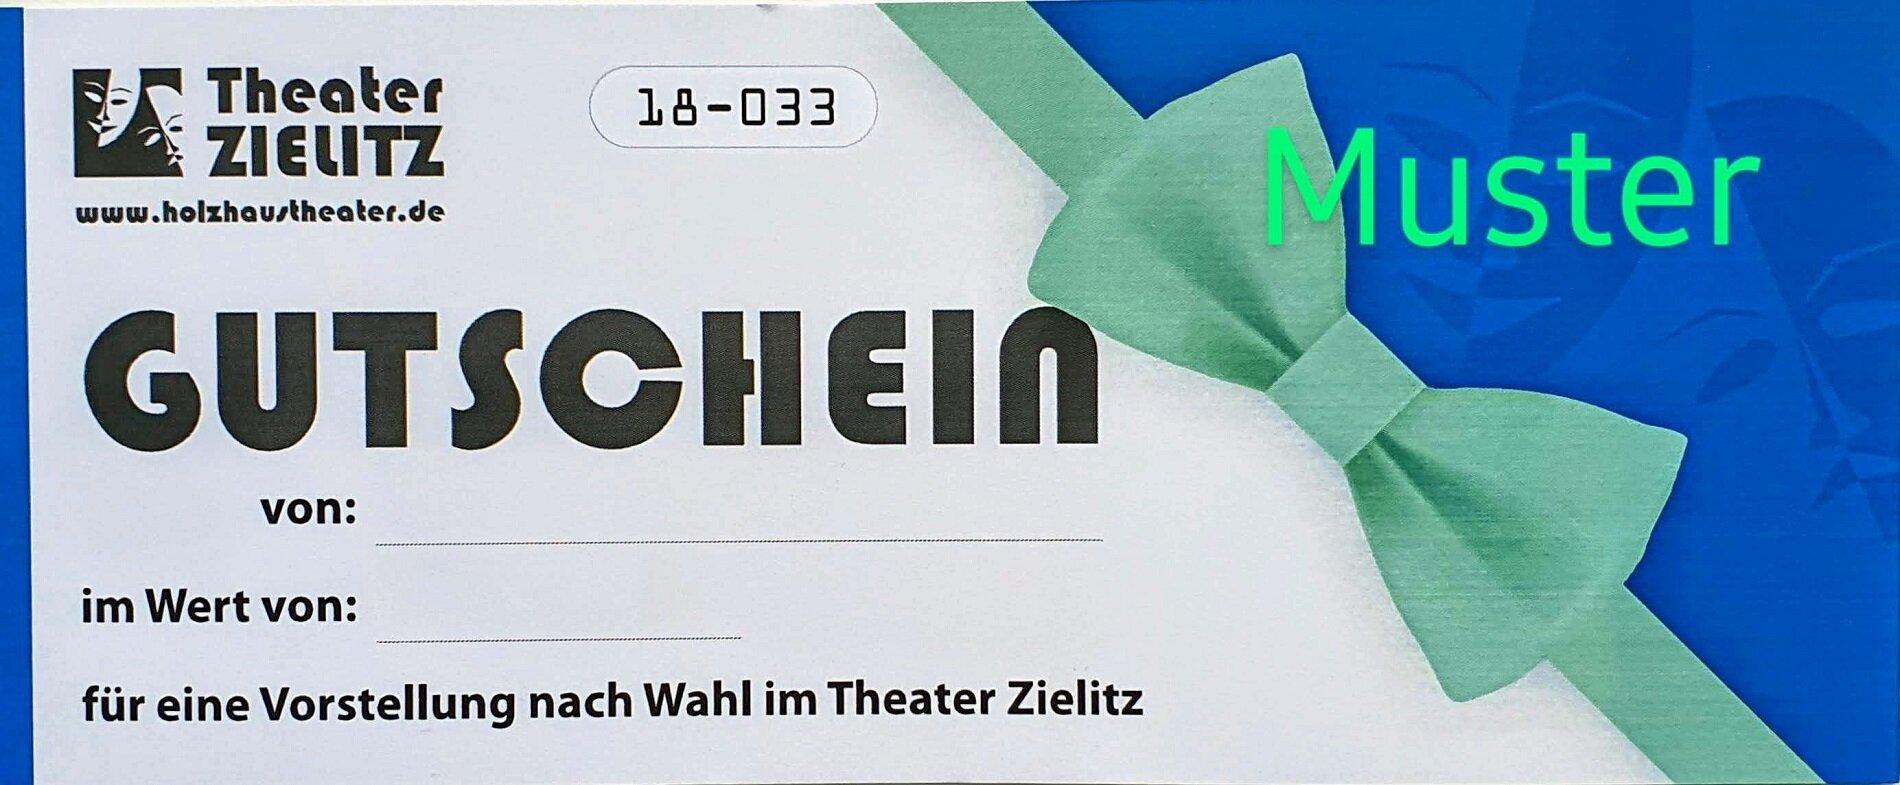 Gutschein_Muster